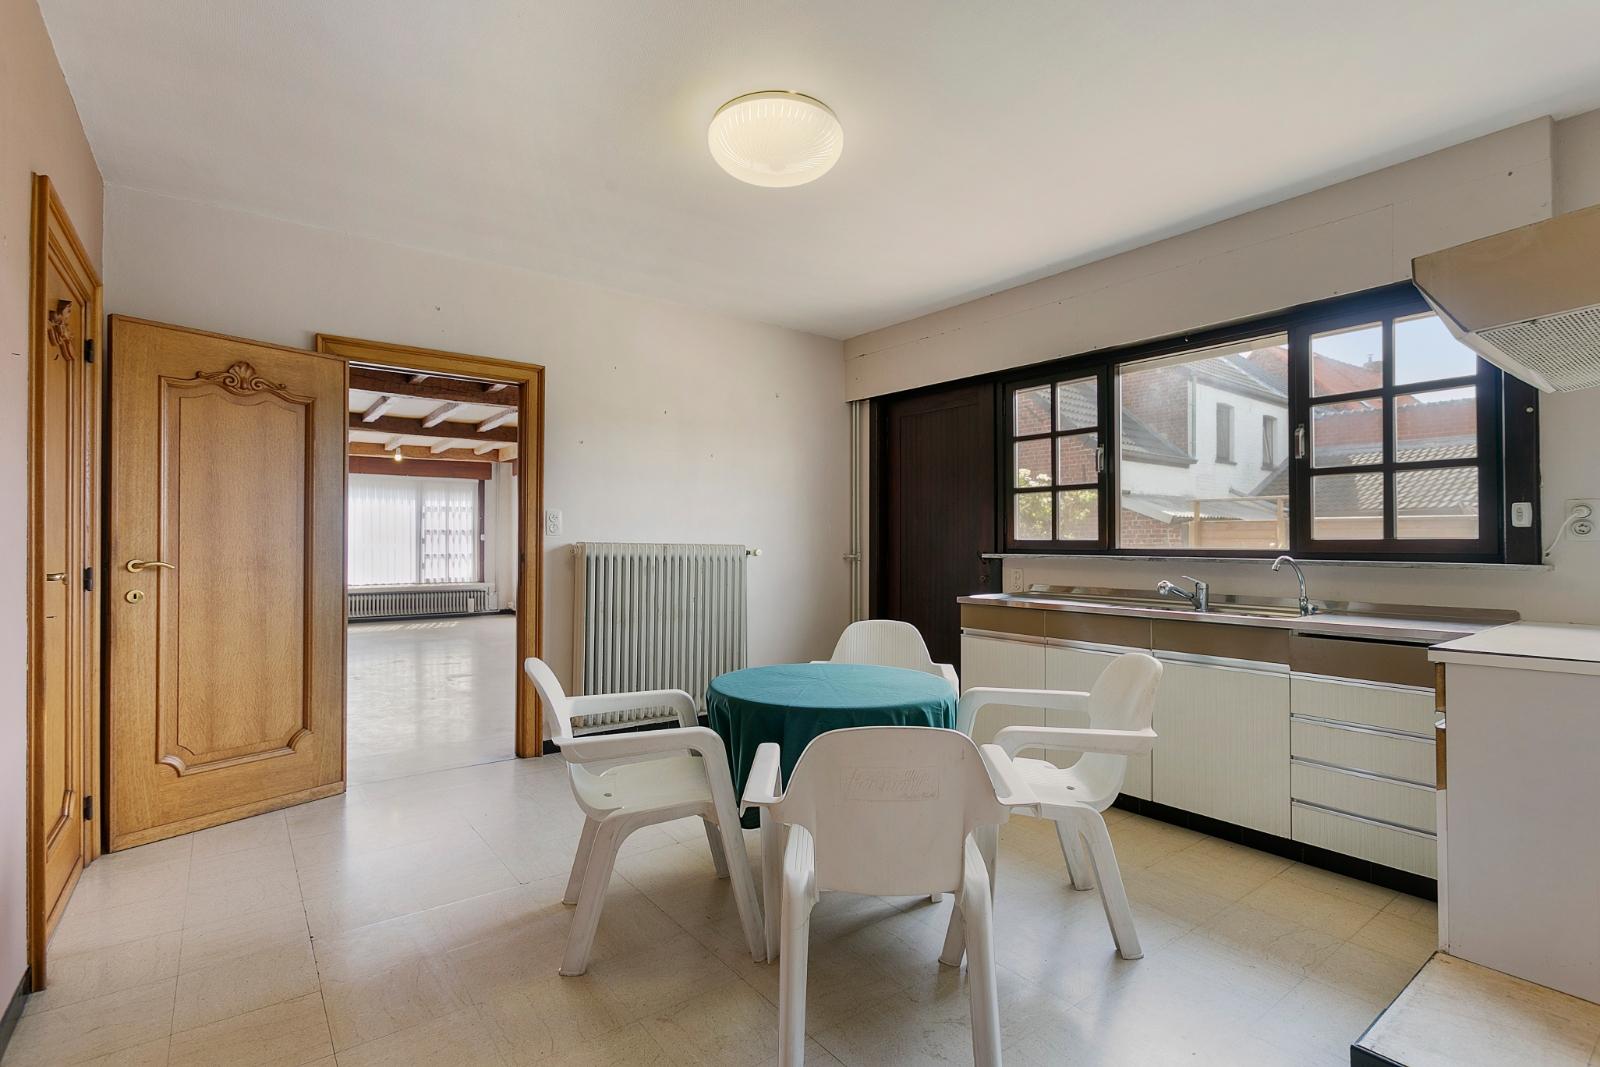 Vrijstaande, gelijkvloerse woning met garage en 3 slaapkamers te Koekelare - 7